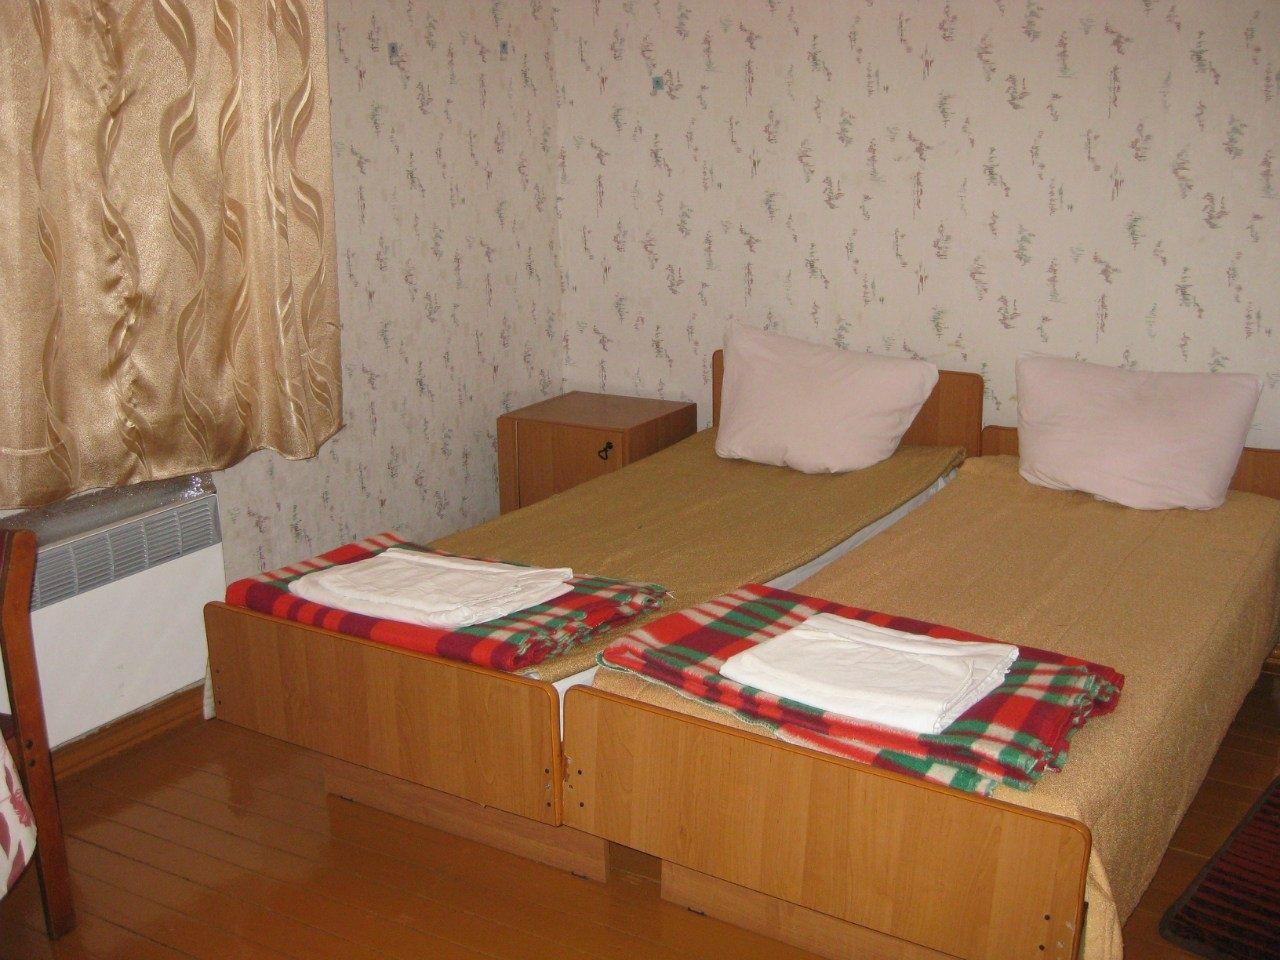 """Турбаза """"Дюны"""" Калининградская область 2-х местный номер в домике с частичными удобствами, фото 3"""